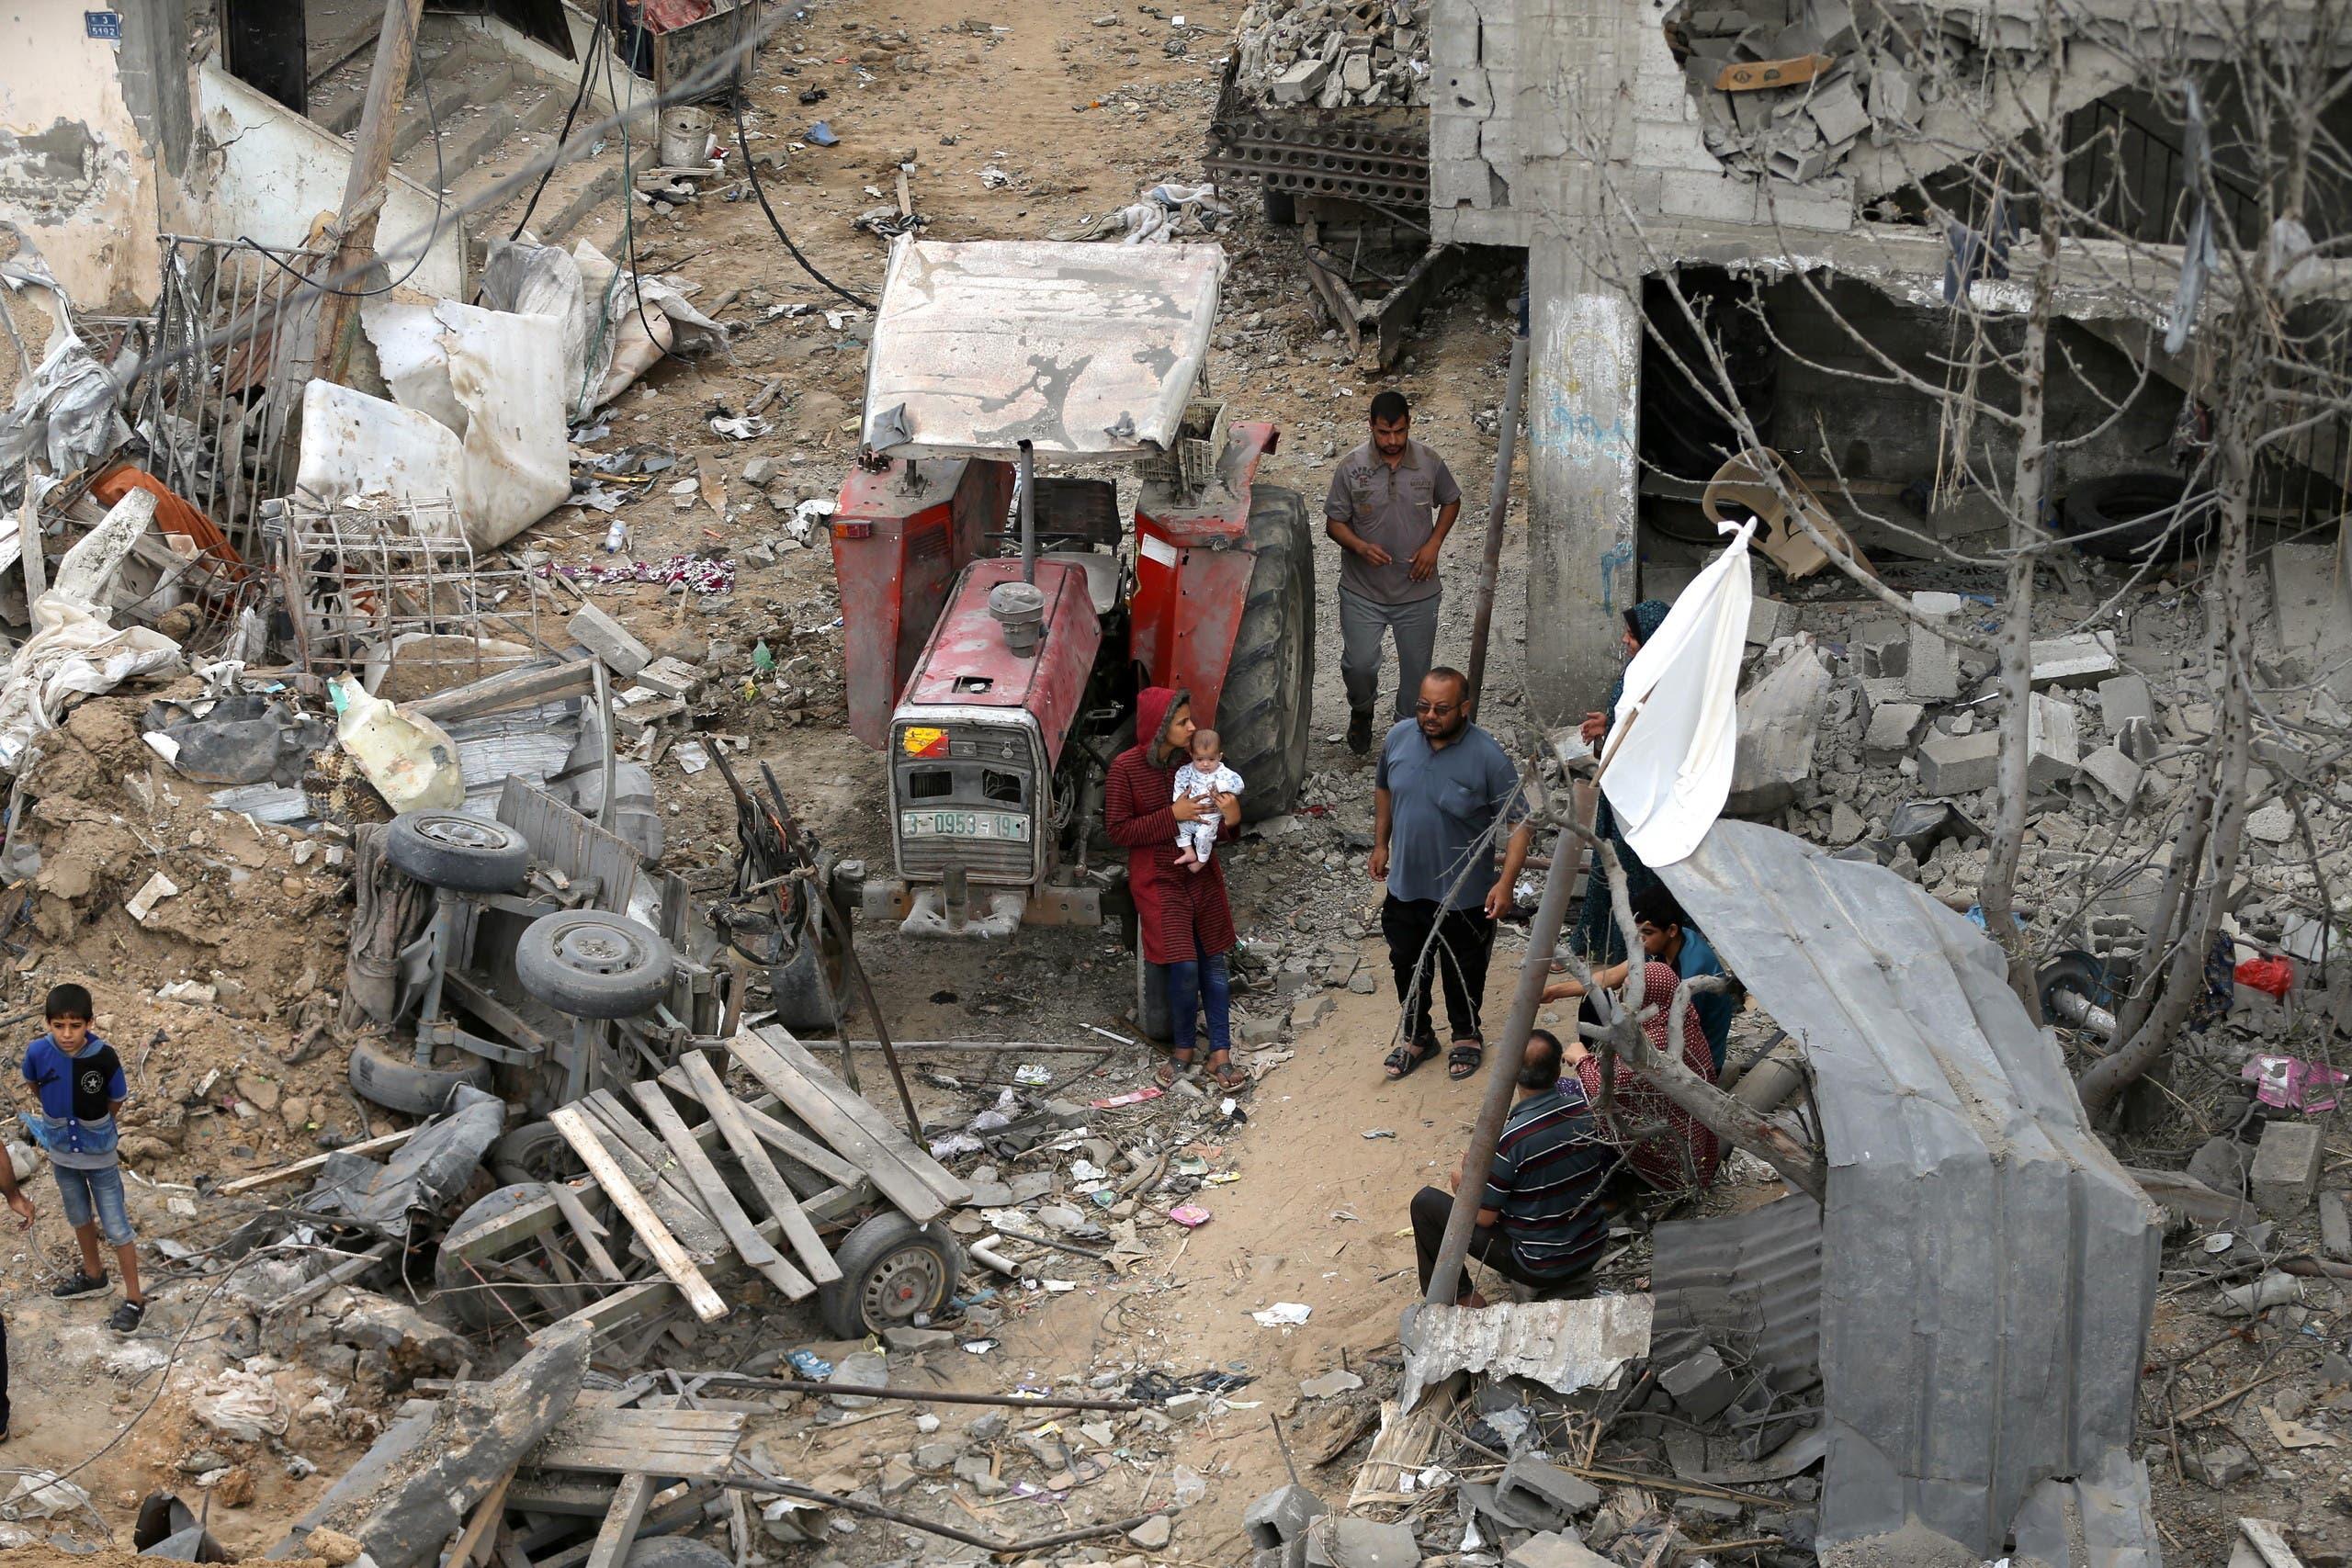 فلسطينيون يعودون إلى منازلهم التي دُمرت خلال ضربات جوية إسرائيلية على غزة